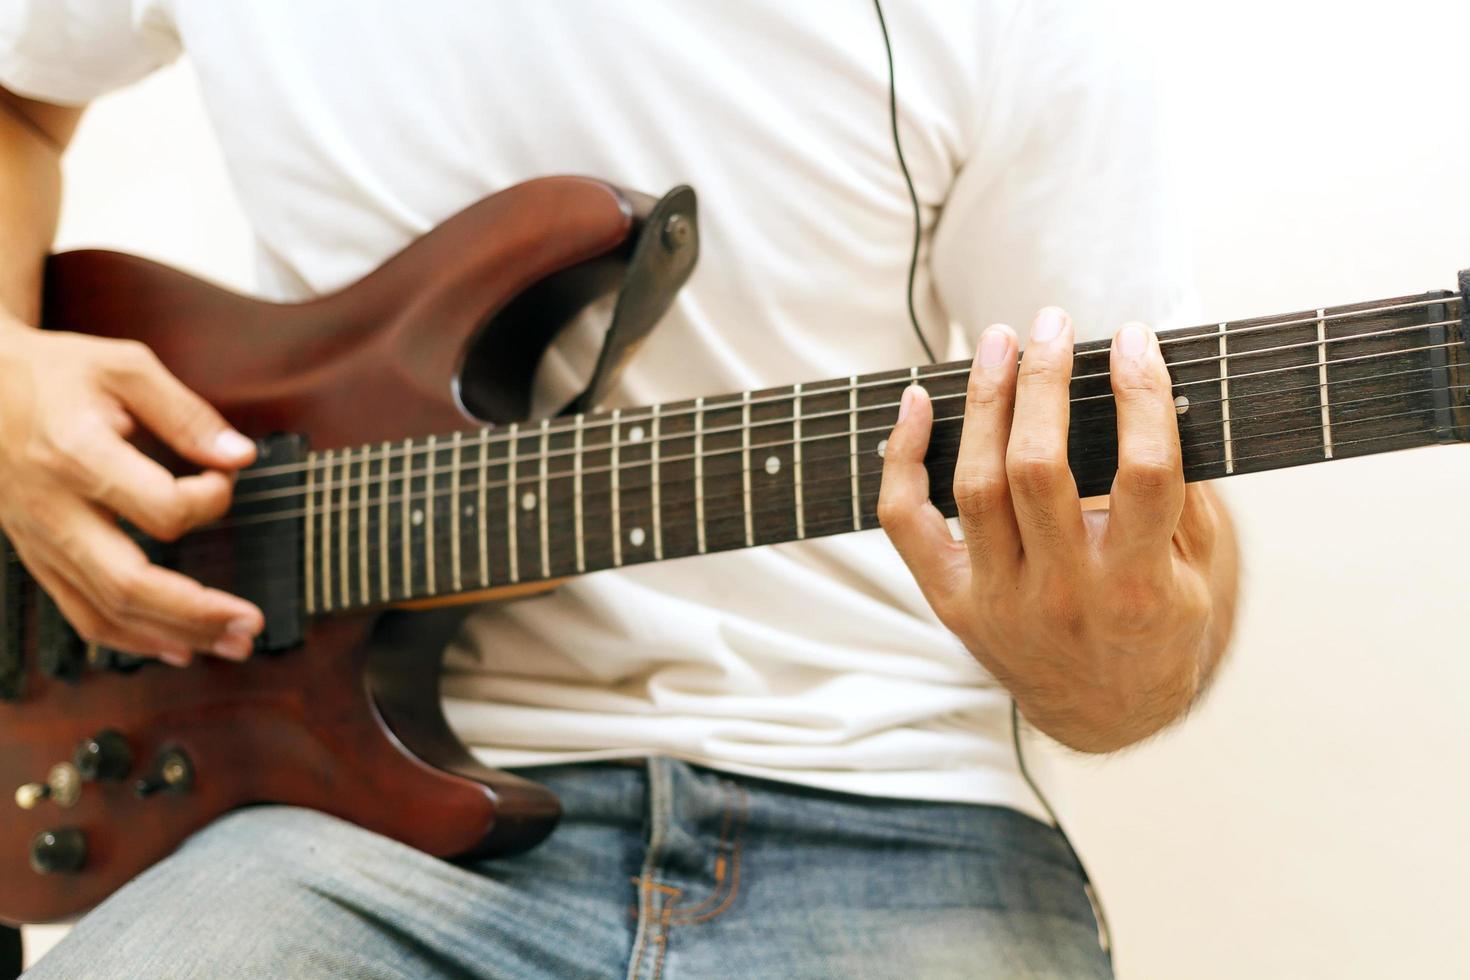 homme jouant de la guitare électrique photo